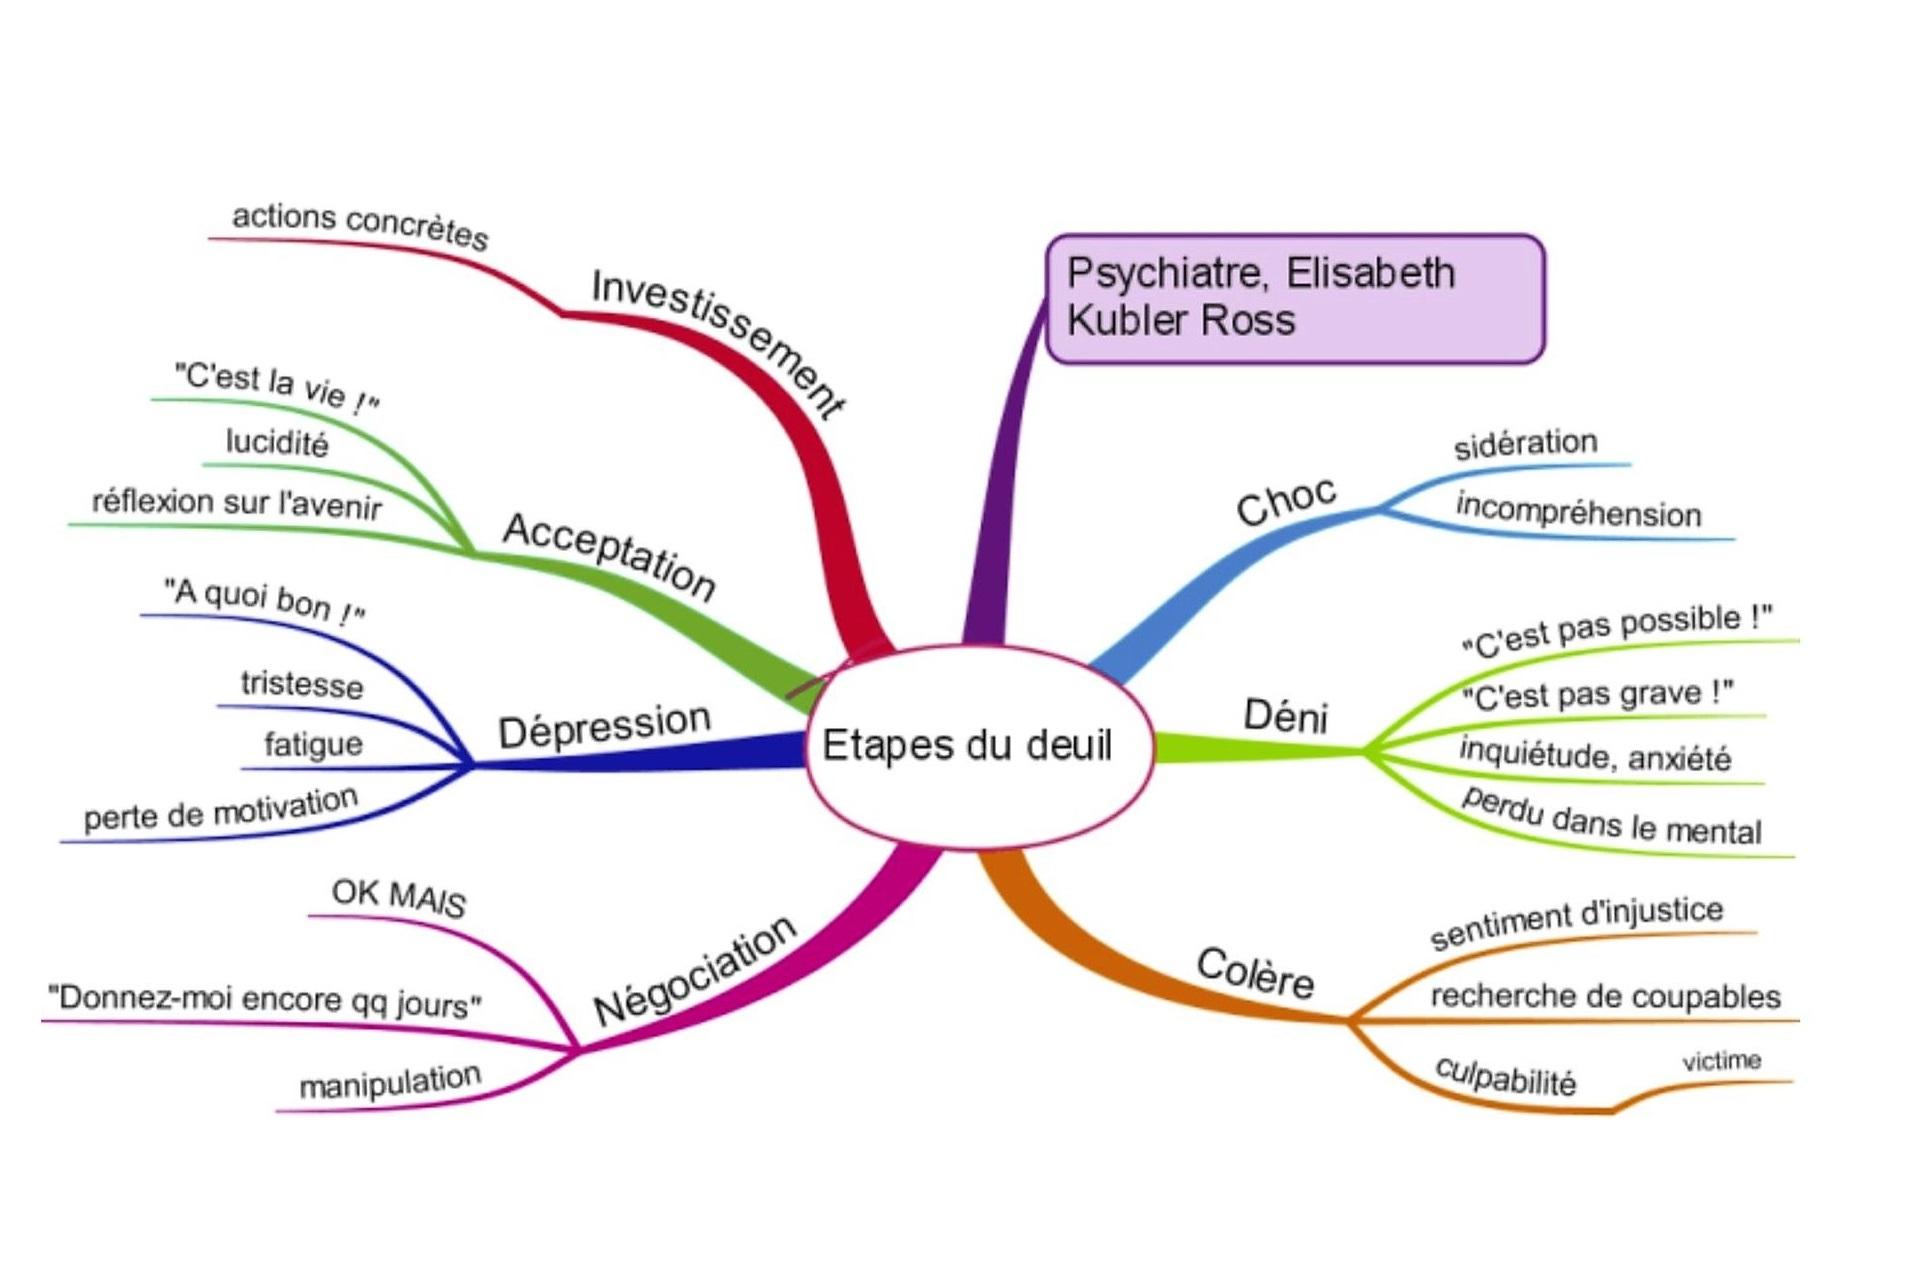 Elaborazione di traumi, lutti, perdite affettive psicoterapia